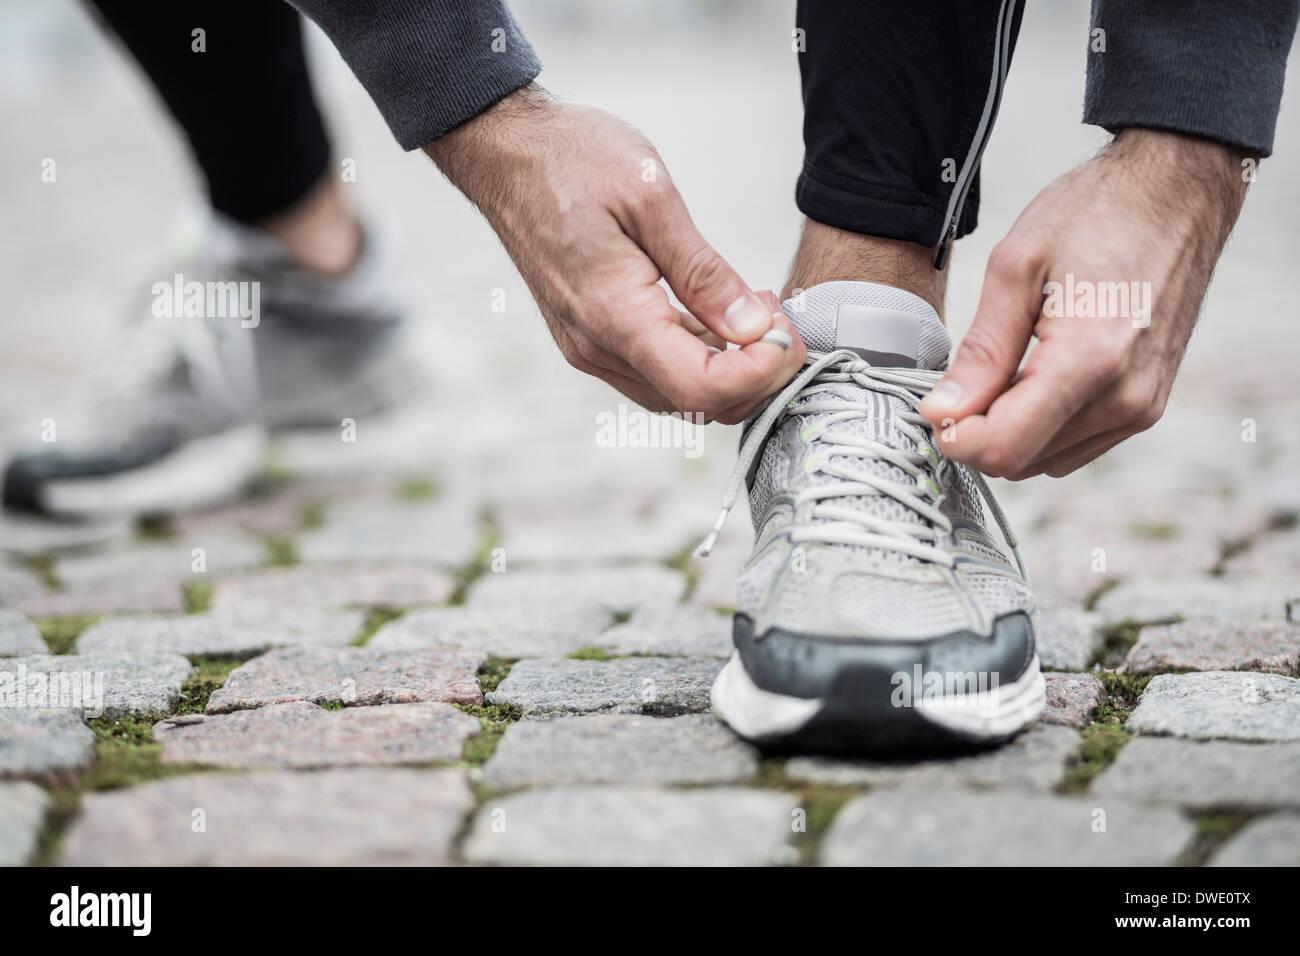 La section basse de l'homme attachant dentelle de la chaussure de sport Photo Stock